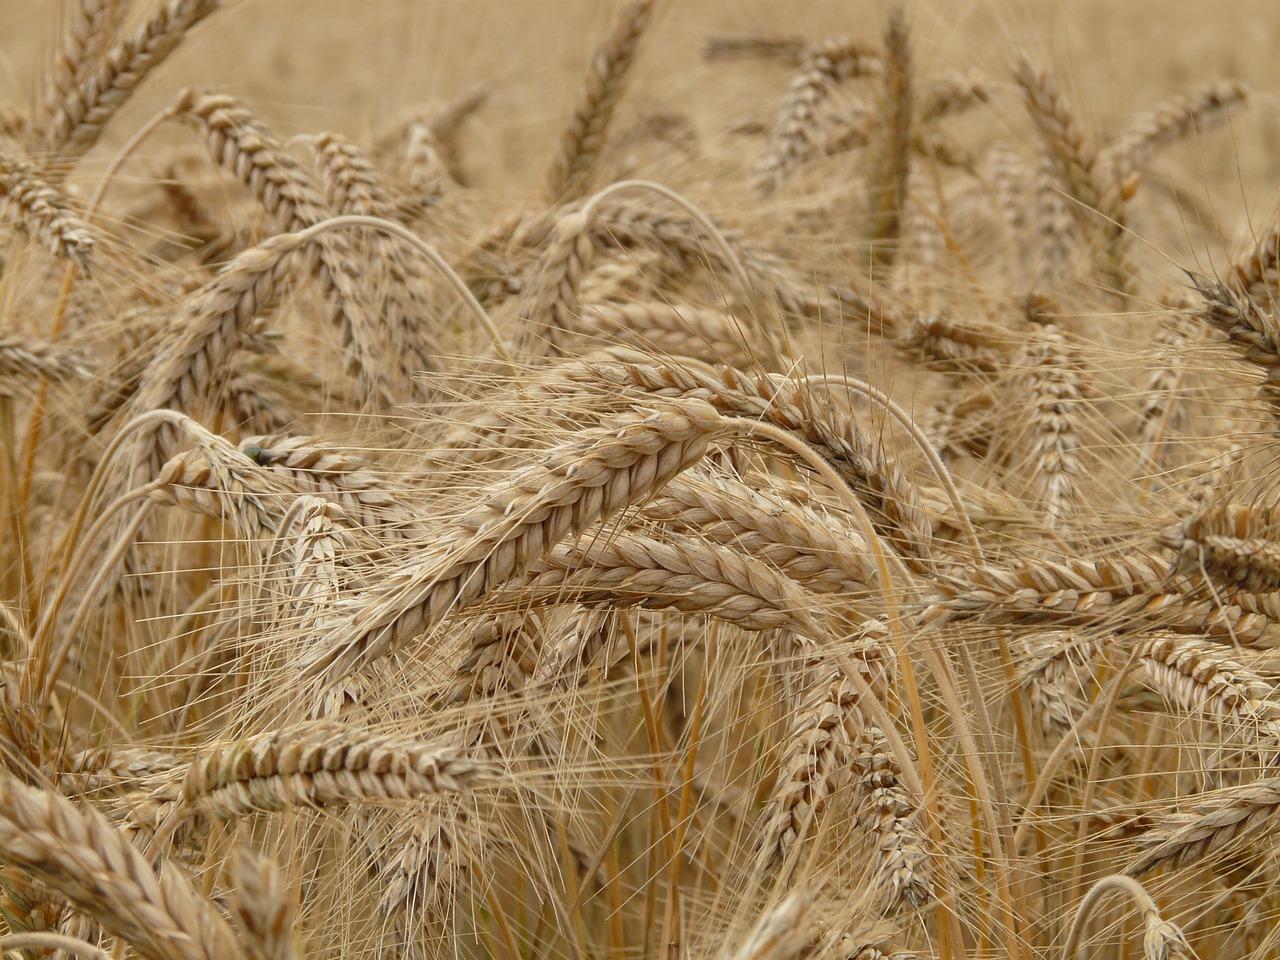 Запасы семян зерновых культур в Казахстане в этом году самые низкие за 5 лет